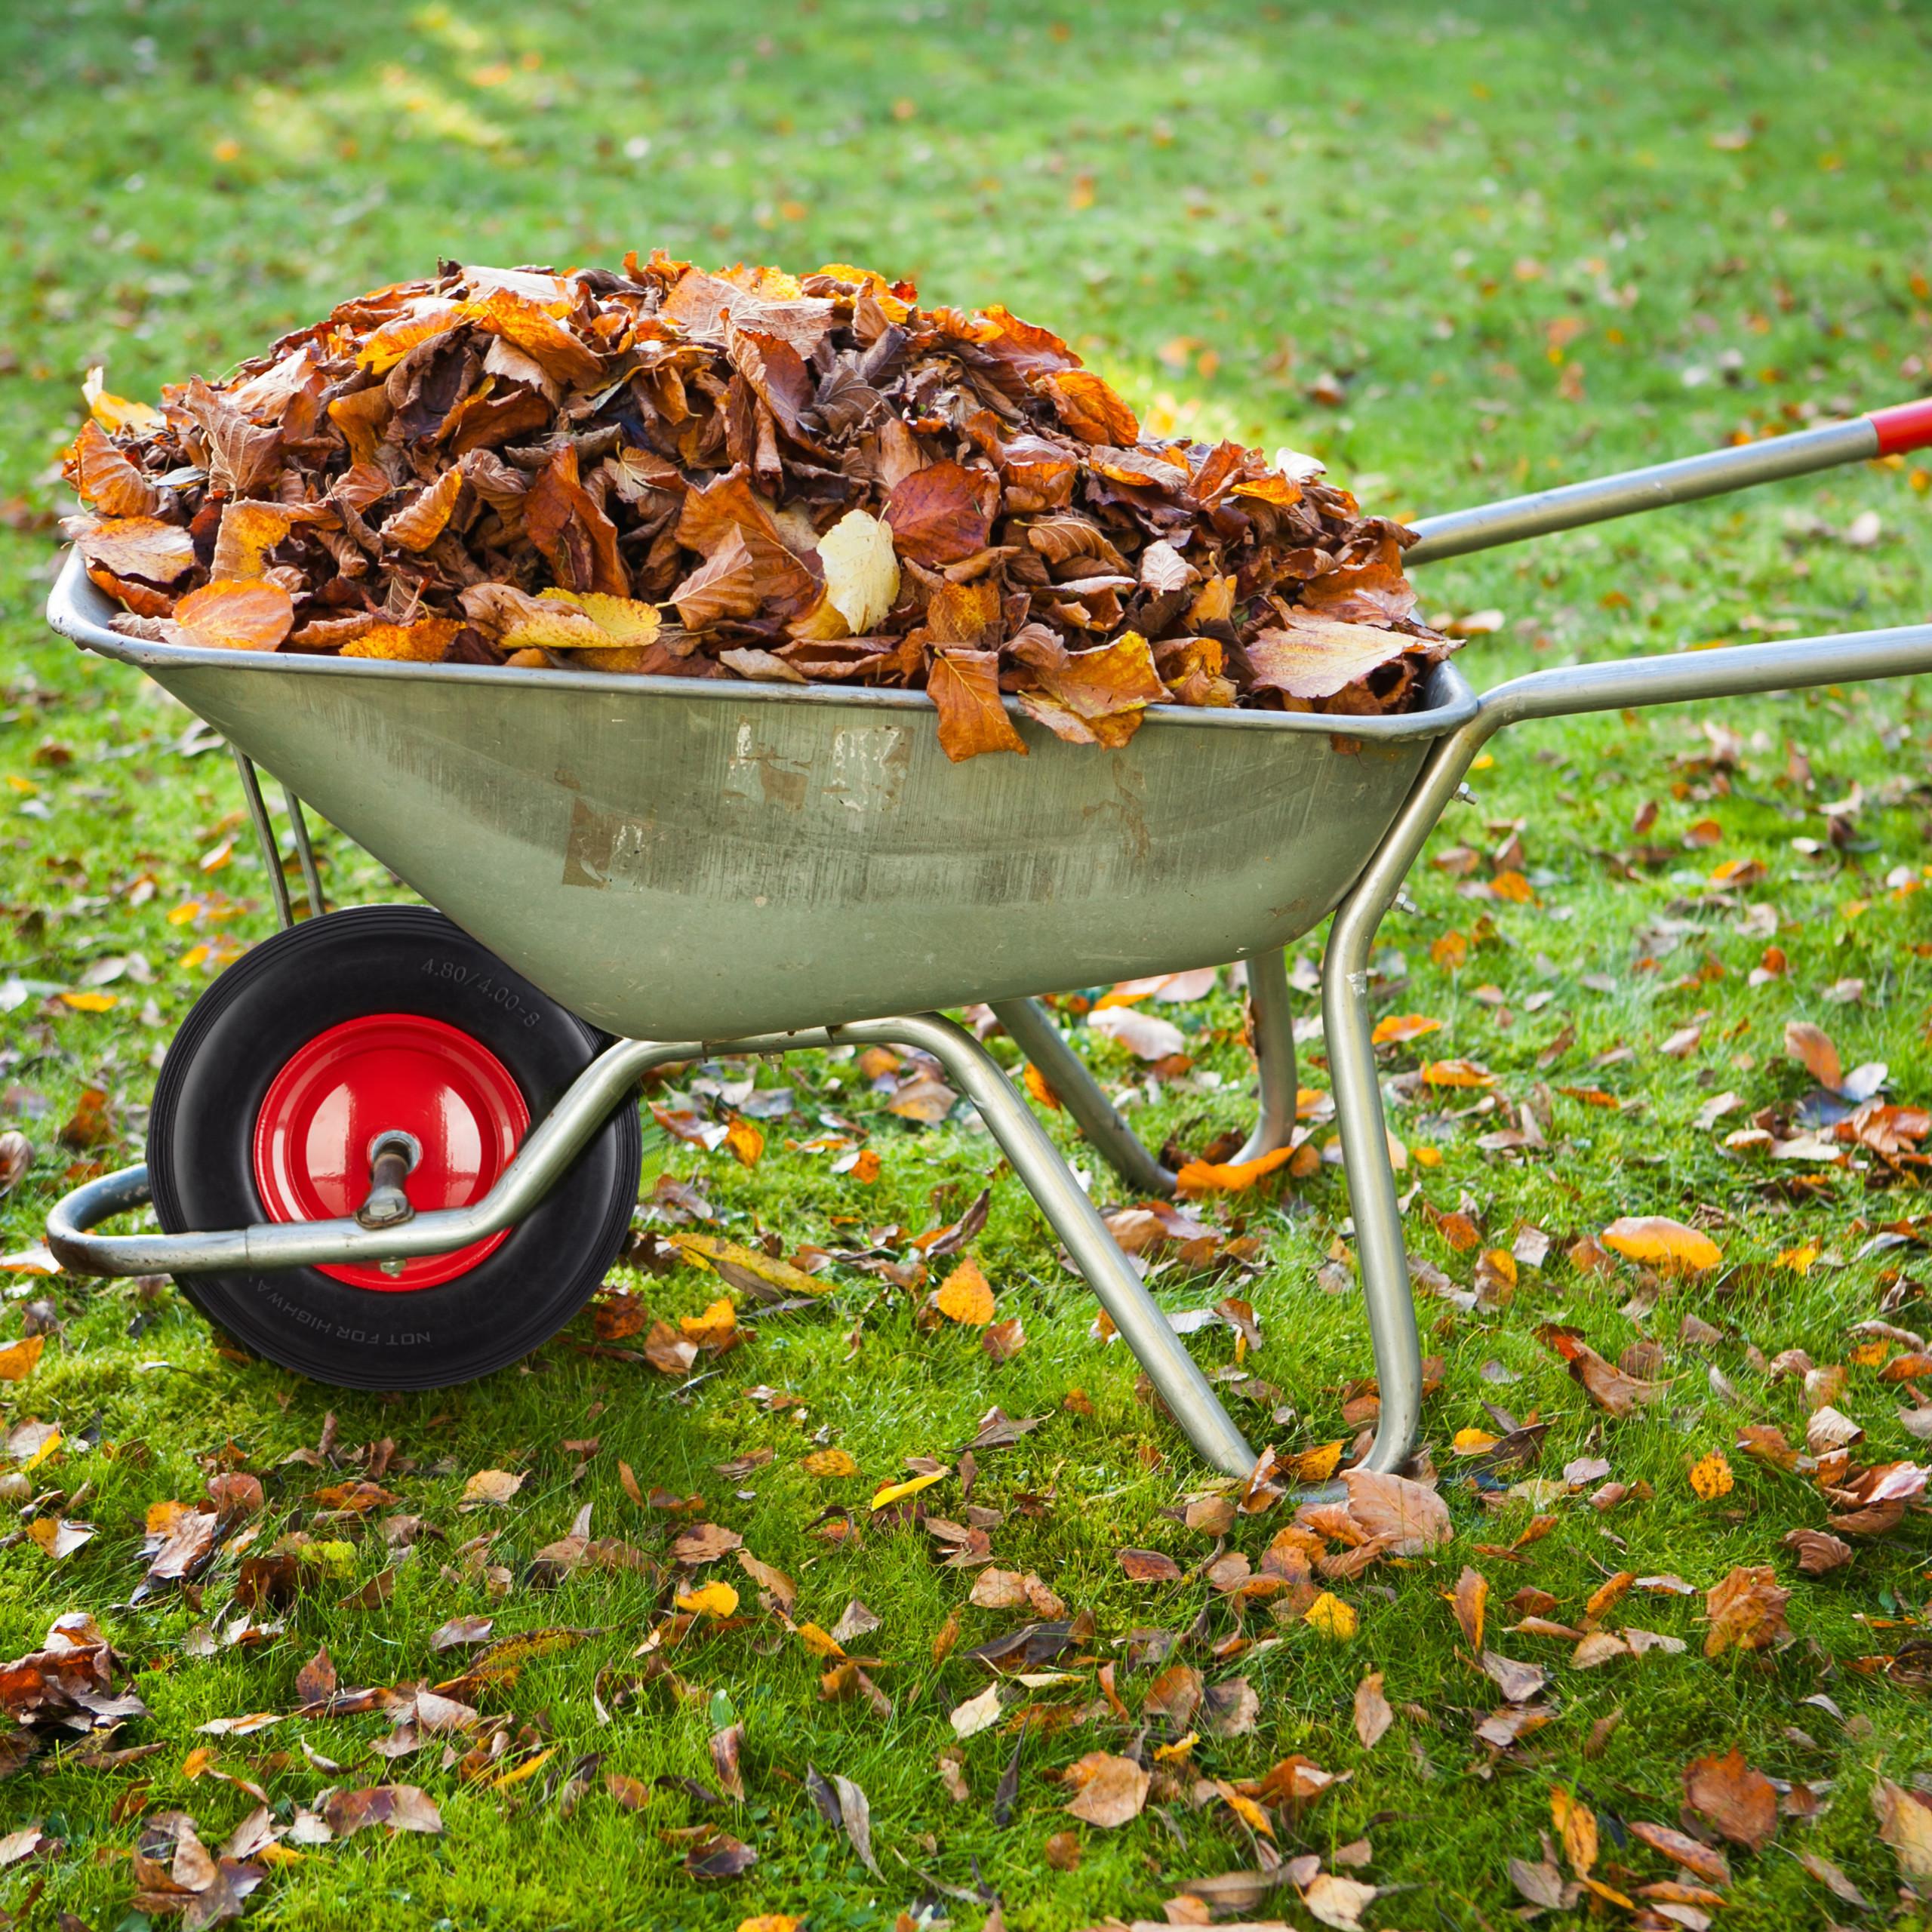 Komplettreifen Schubkarrenrad Vollgummi Gummirad Ersatzreifen Sackkarrenrad